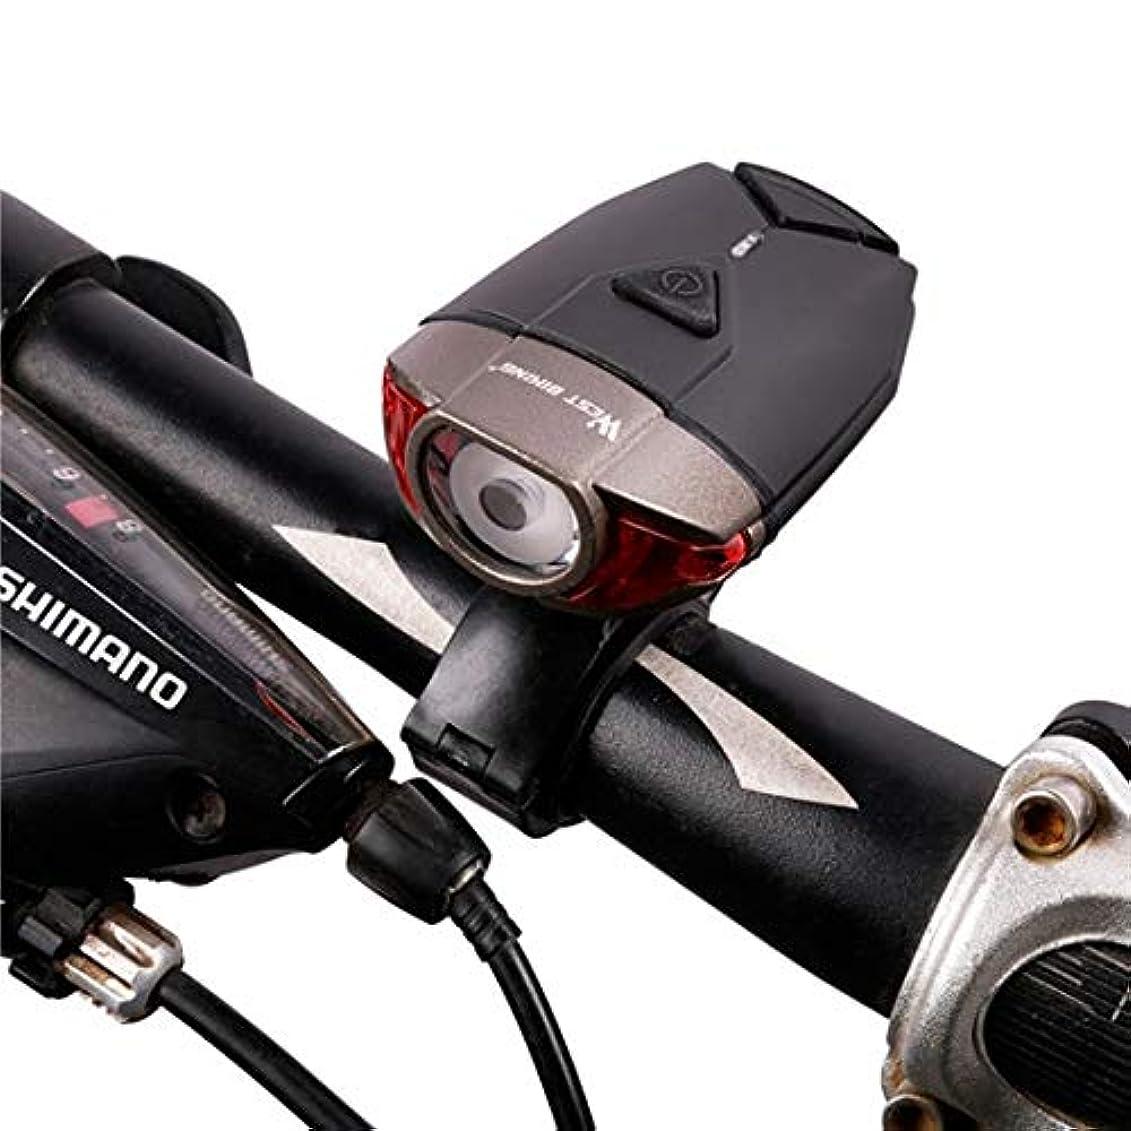 インデックスフォージ予報西 サイクリング 防水 バイクヘルメットライト usb 充電式自転車 ハンドルバーライト 安全道路 マウンテンバイクサイクリングフロントライト